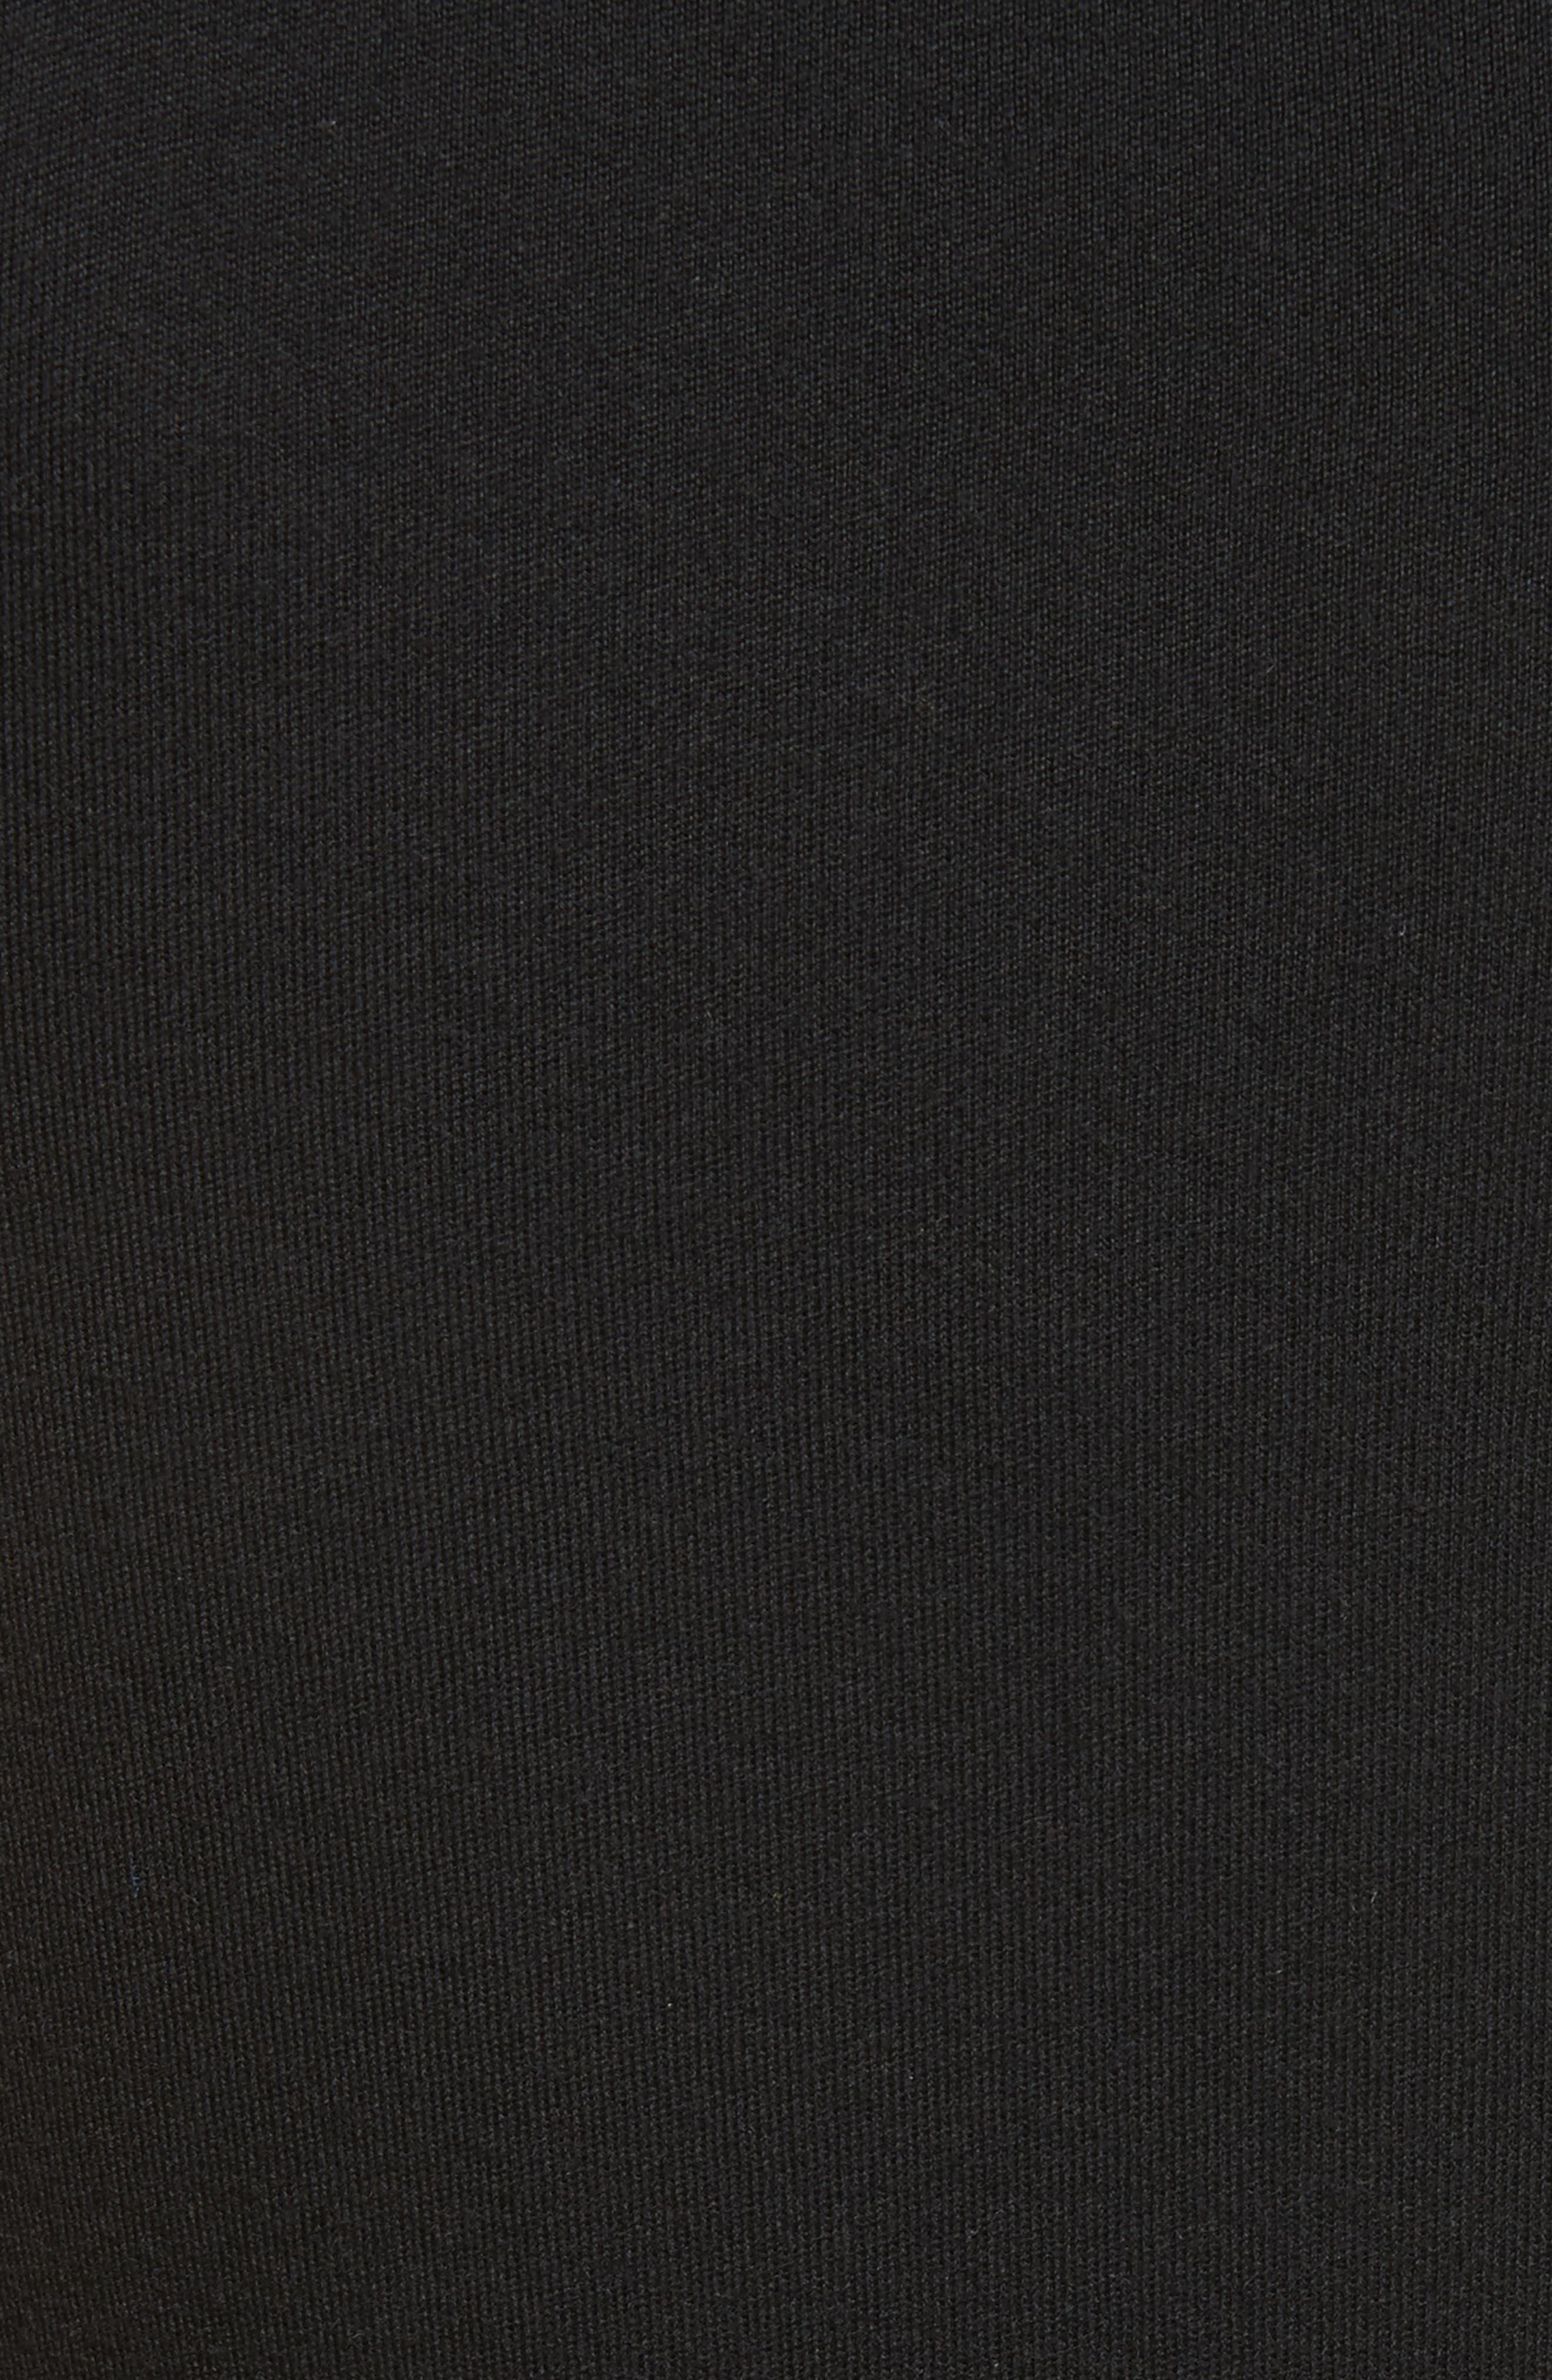 Cashmere Shell,                             Alternate thumbnail 5, color,                             Black